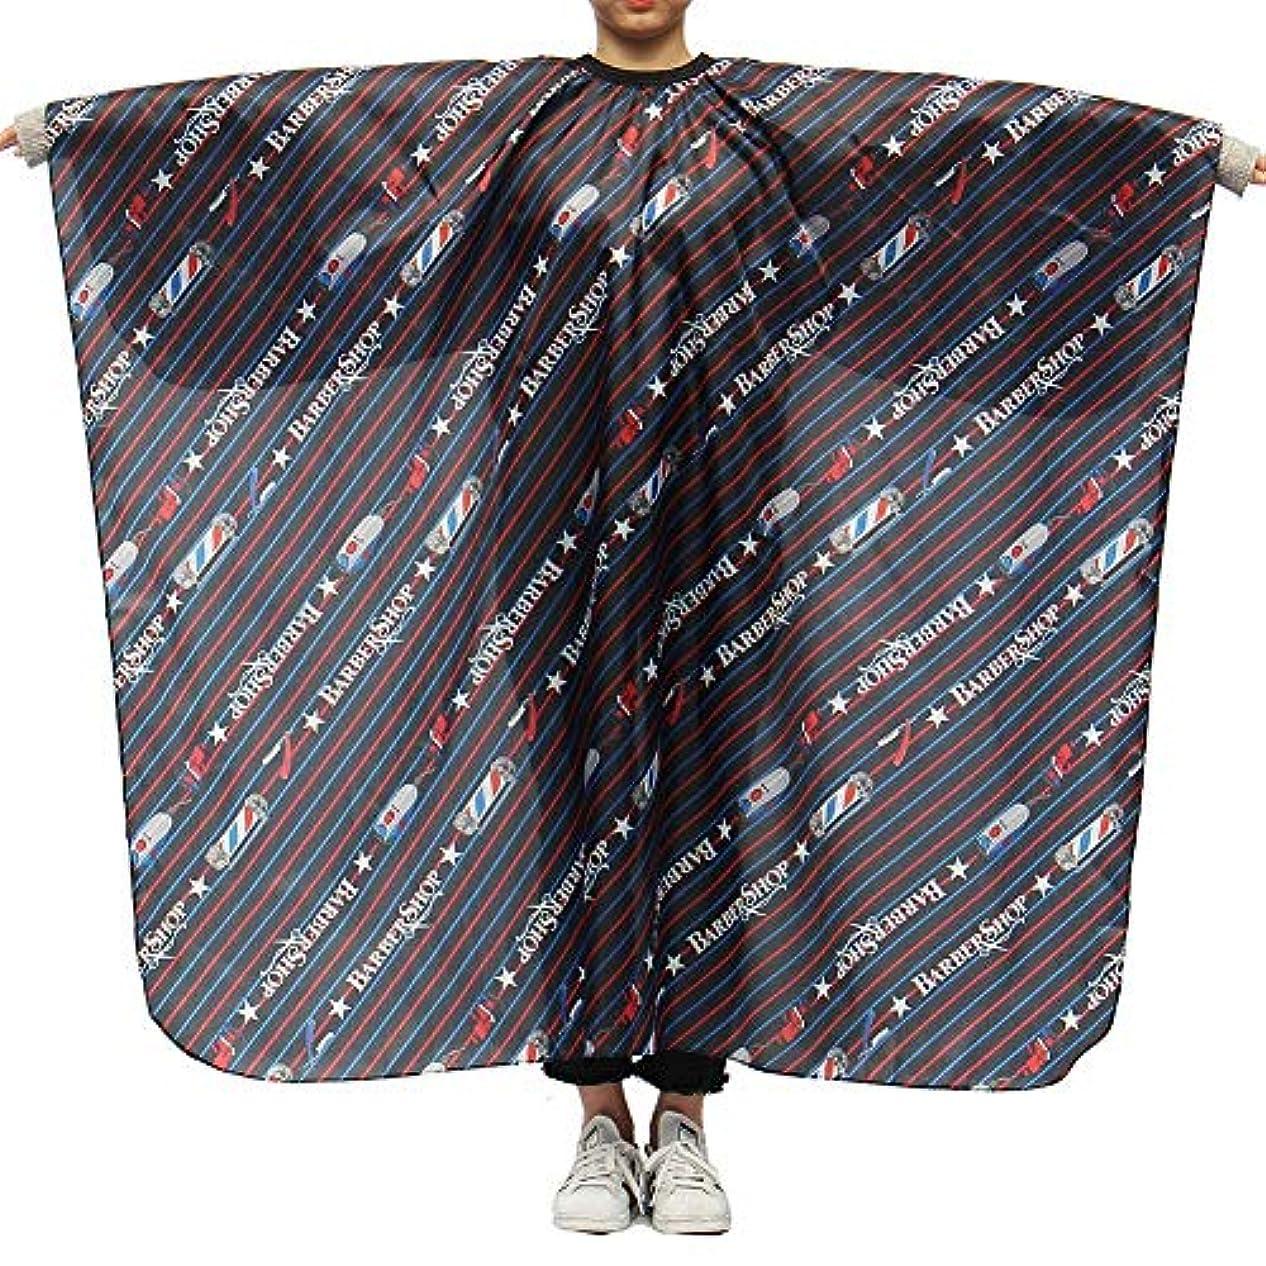 タンカー適用済み足Ling(リンー)-ビューティー 理髪ケープ 理髪布 店用 家庭用 通気性 滑らか ポリエステル製